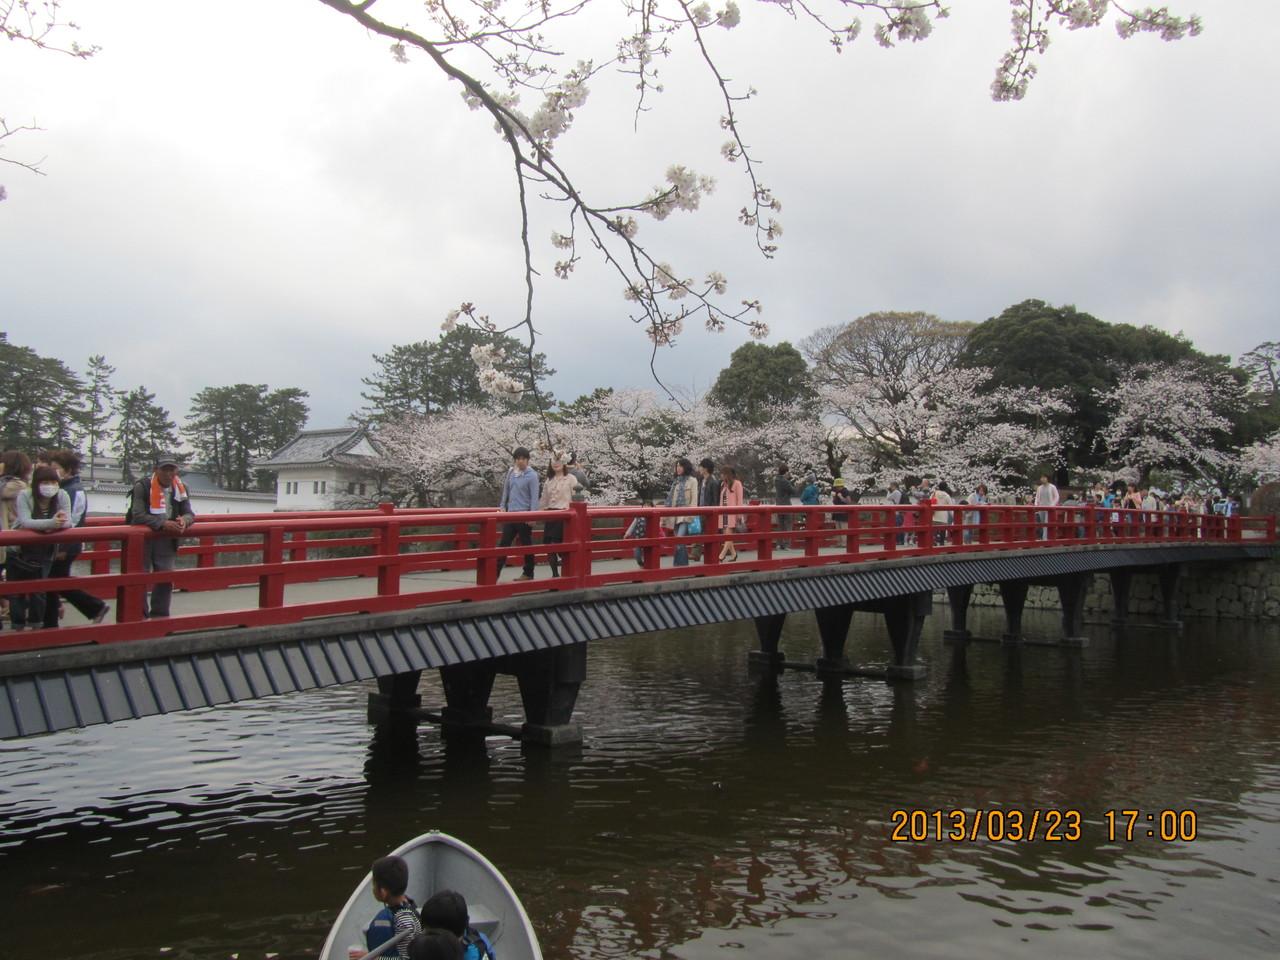 馬出門(うまだしもん)の土橋